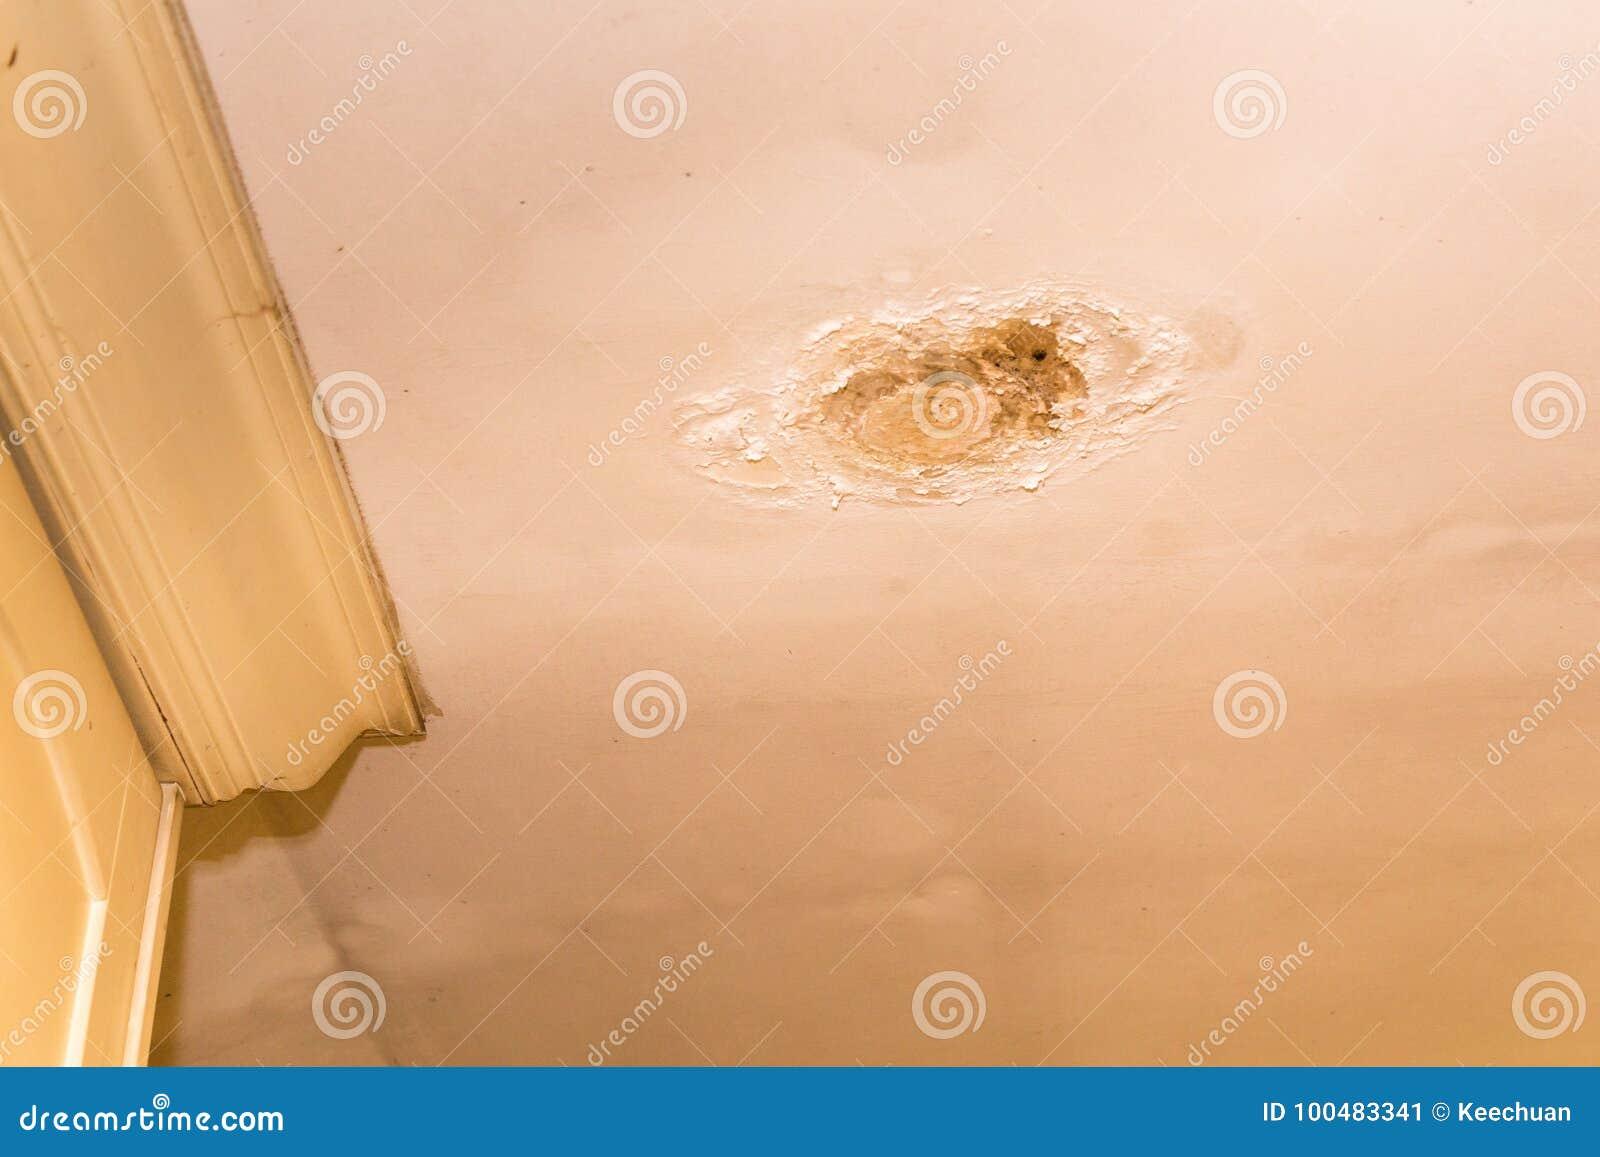 De resultaten van daklekkages beschadigen lelijke corrosie op pleisterplafond